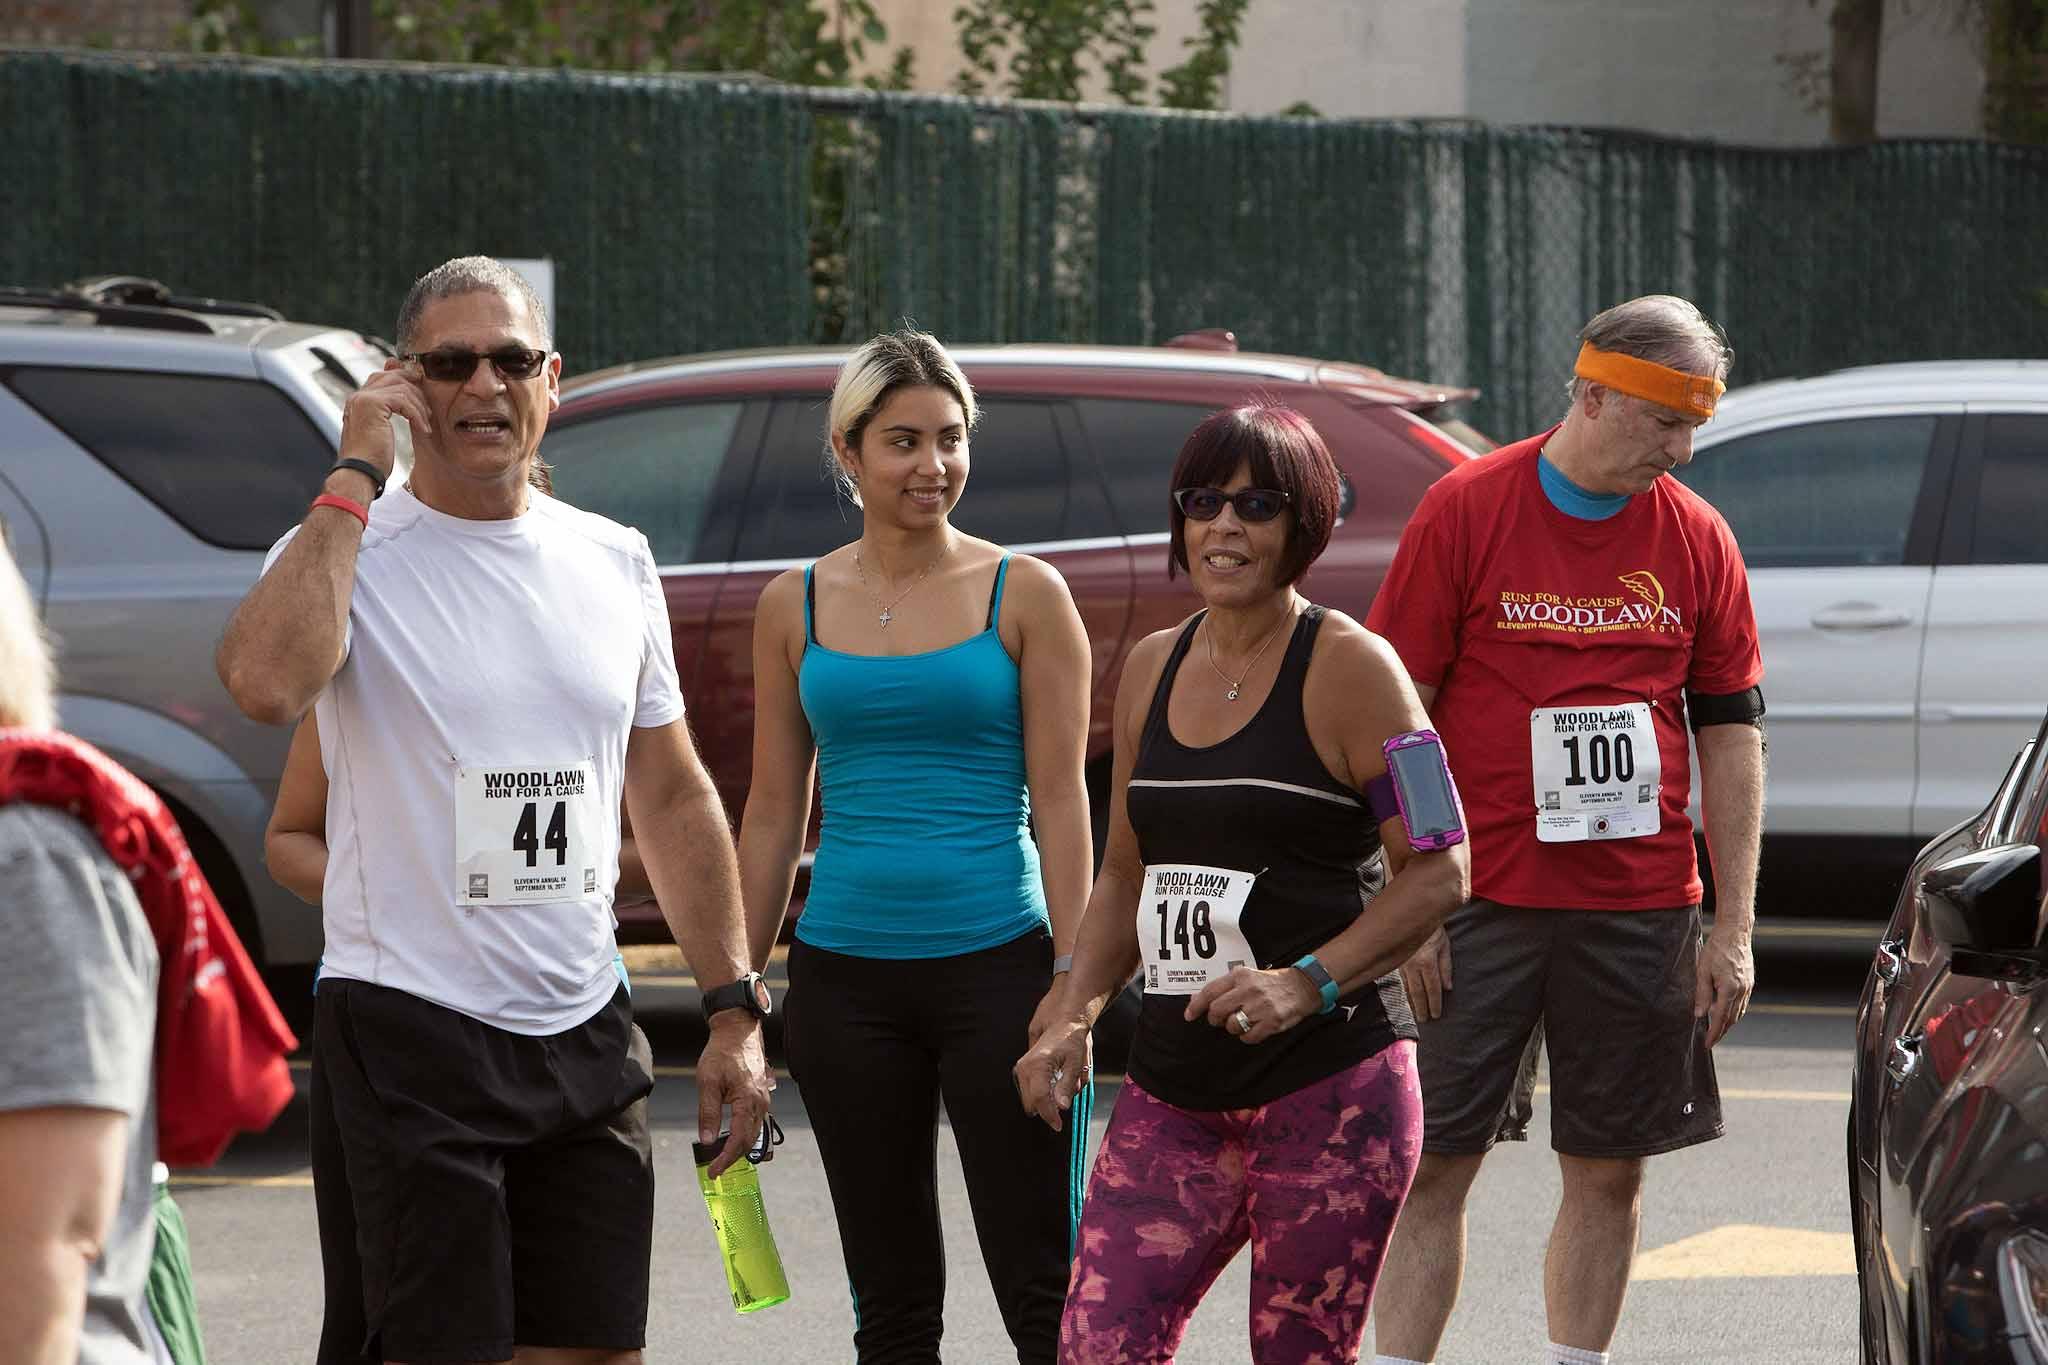 18-Woodlawn Run for a Cause-057.jpg